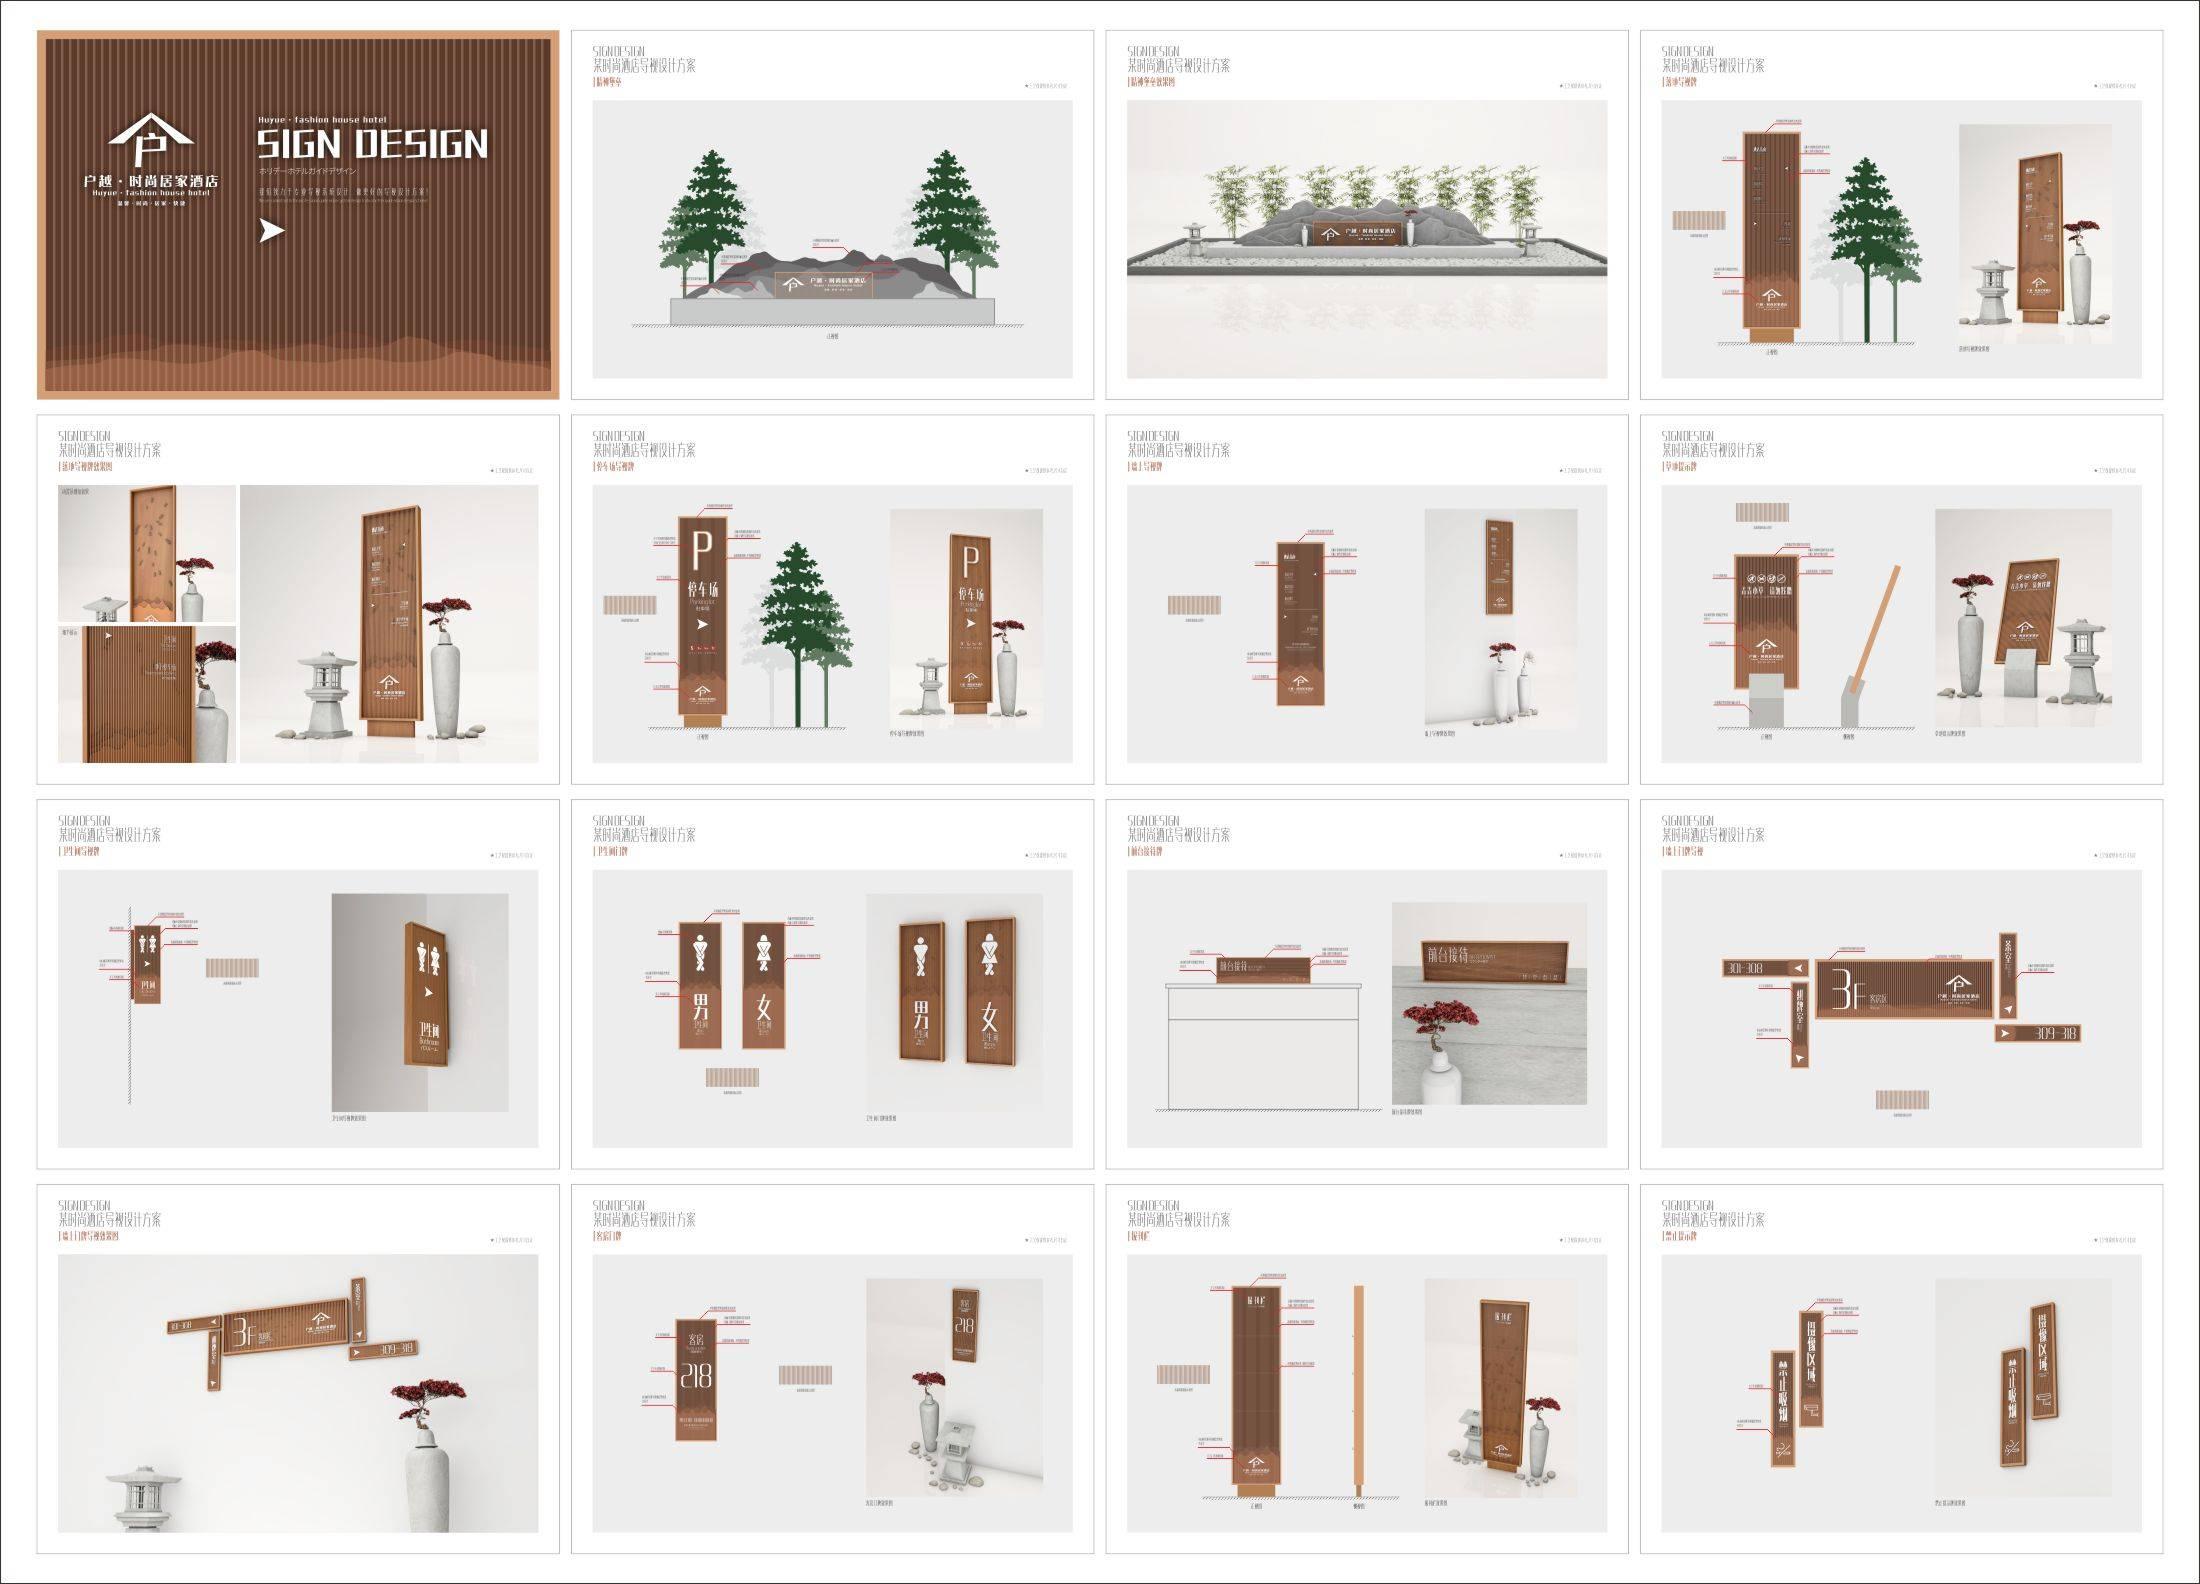 厦门宾馆酒店方形木删木质木纹中式日式指示牌